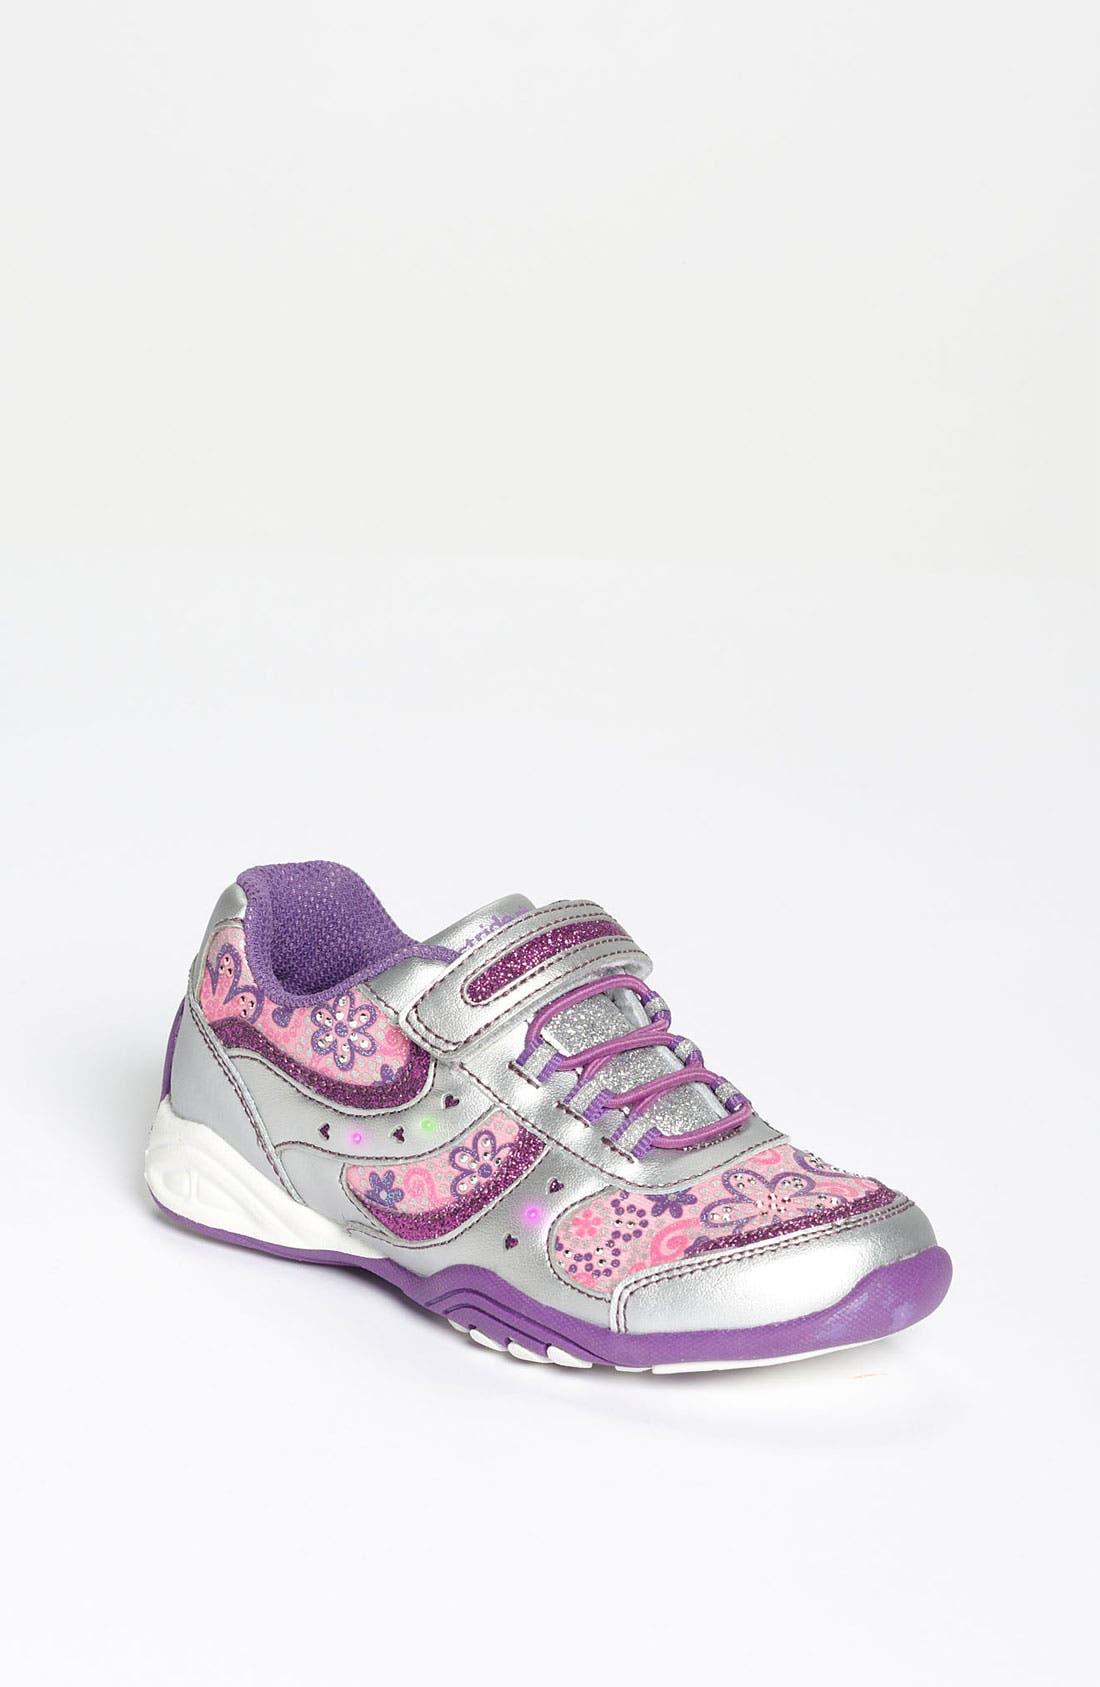 Main Image - Stride Rite 'Starlit' Light-Up Sneaker (Toddler & Little Kid)